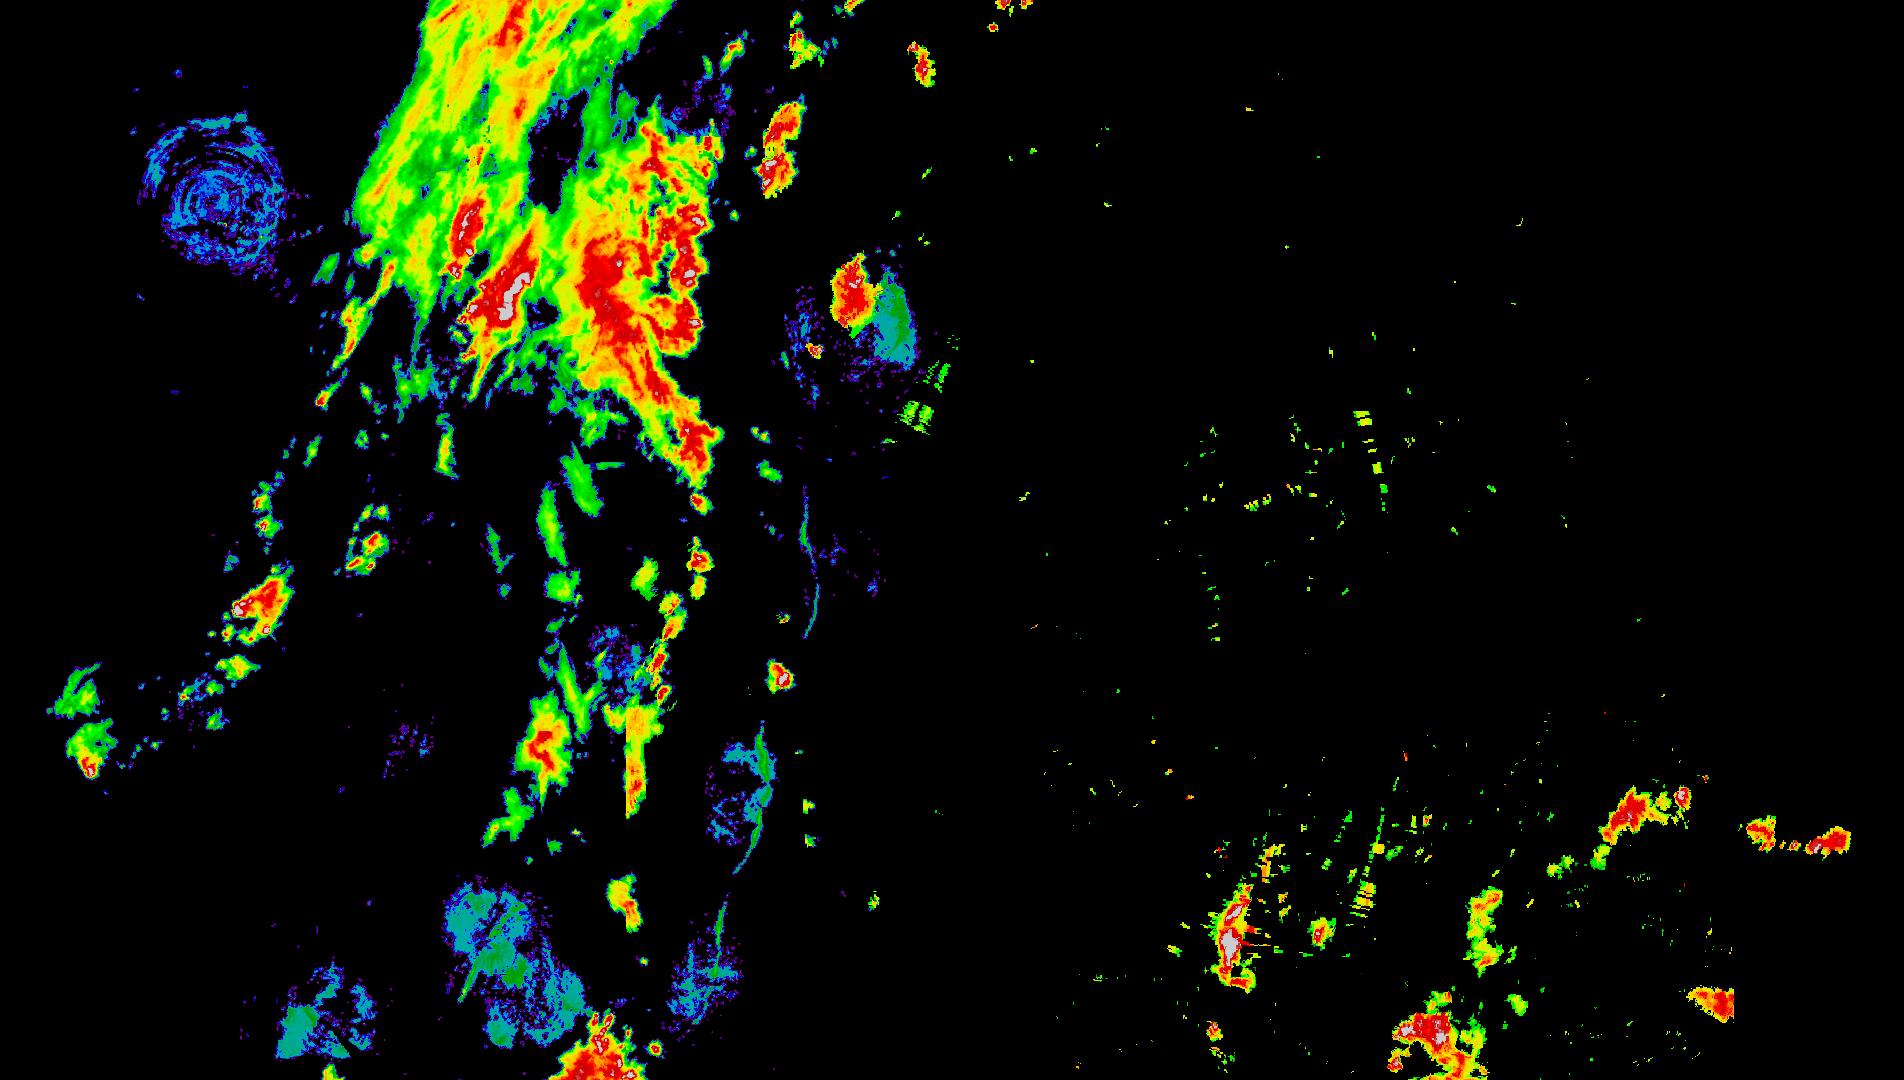 data/examples/radar.png